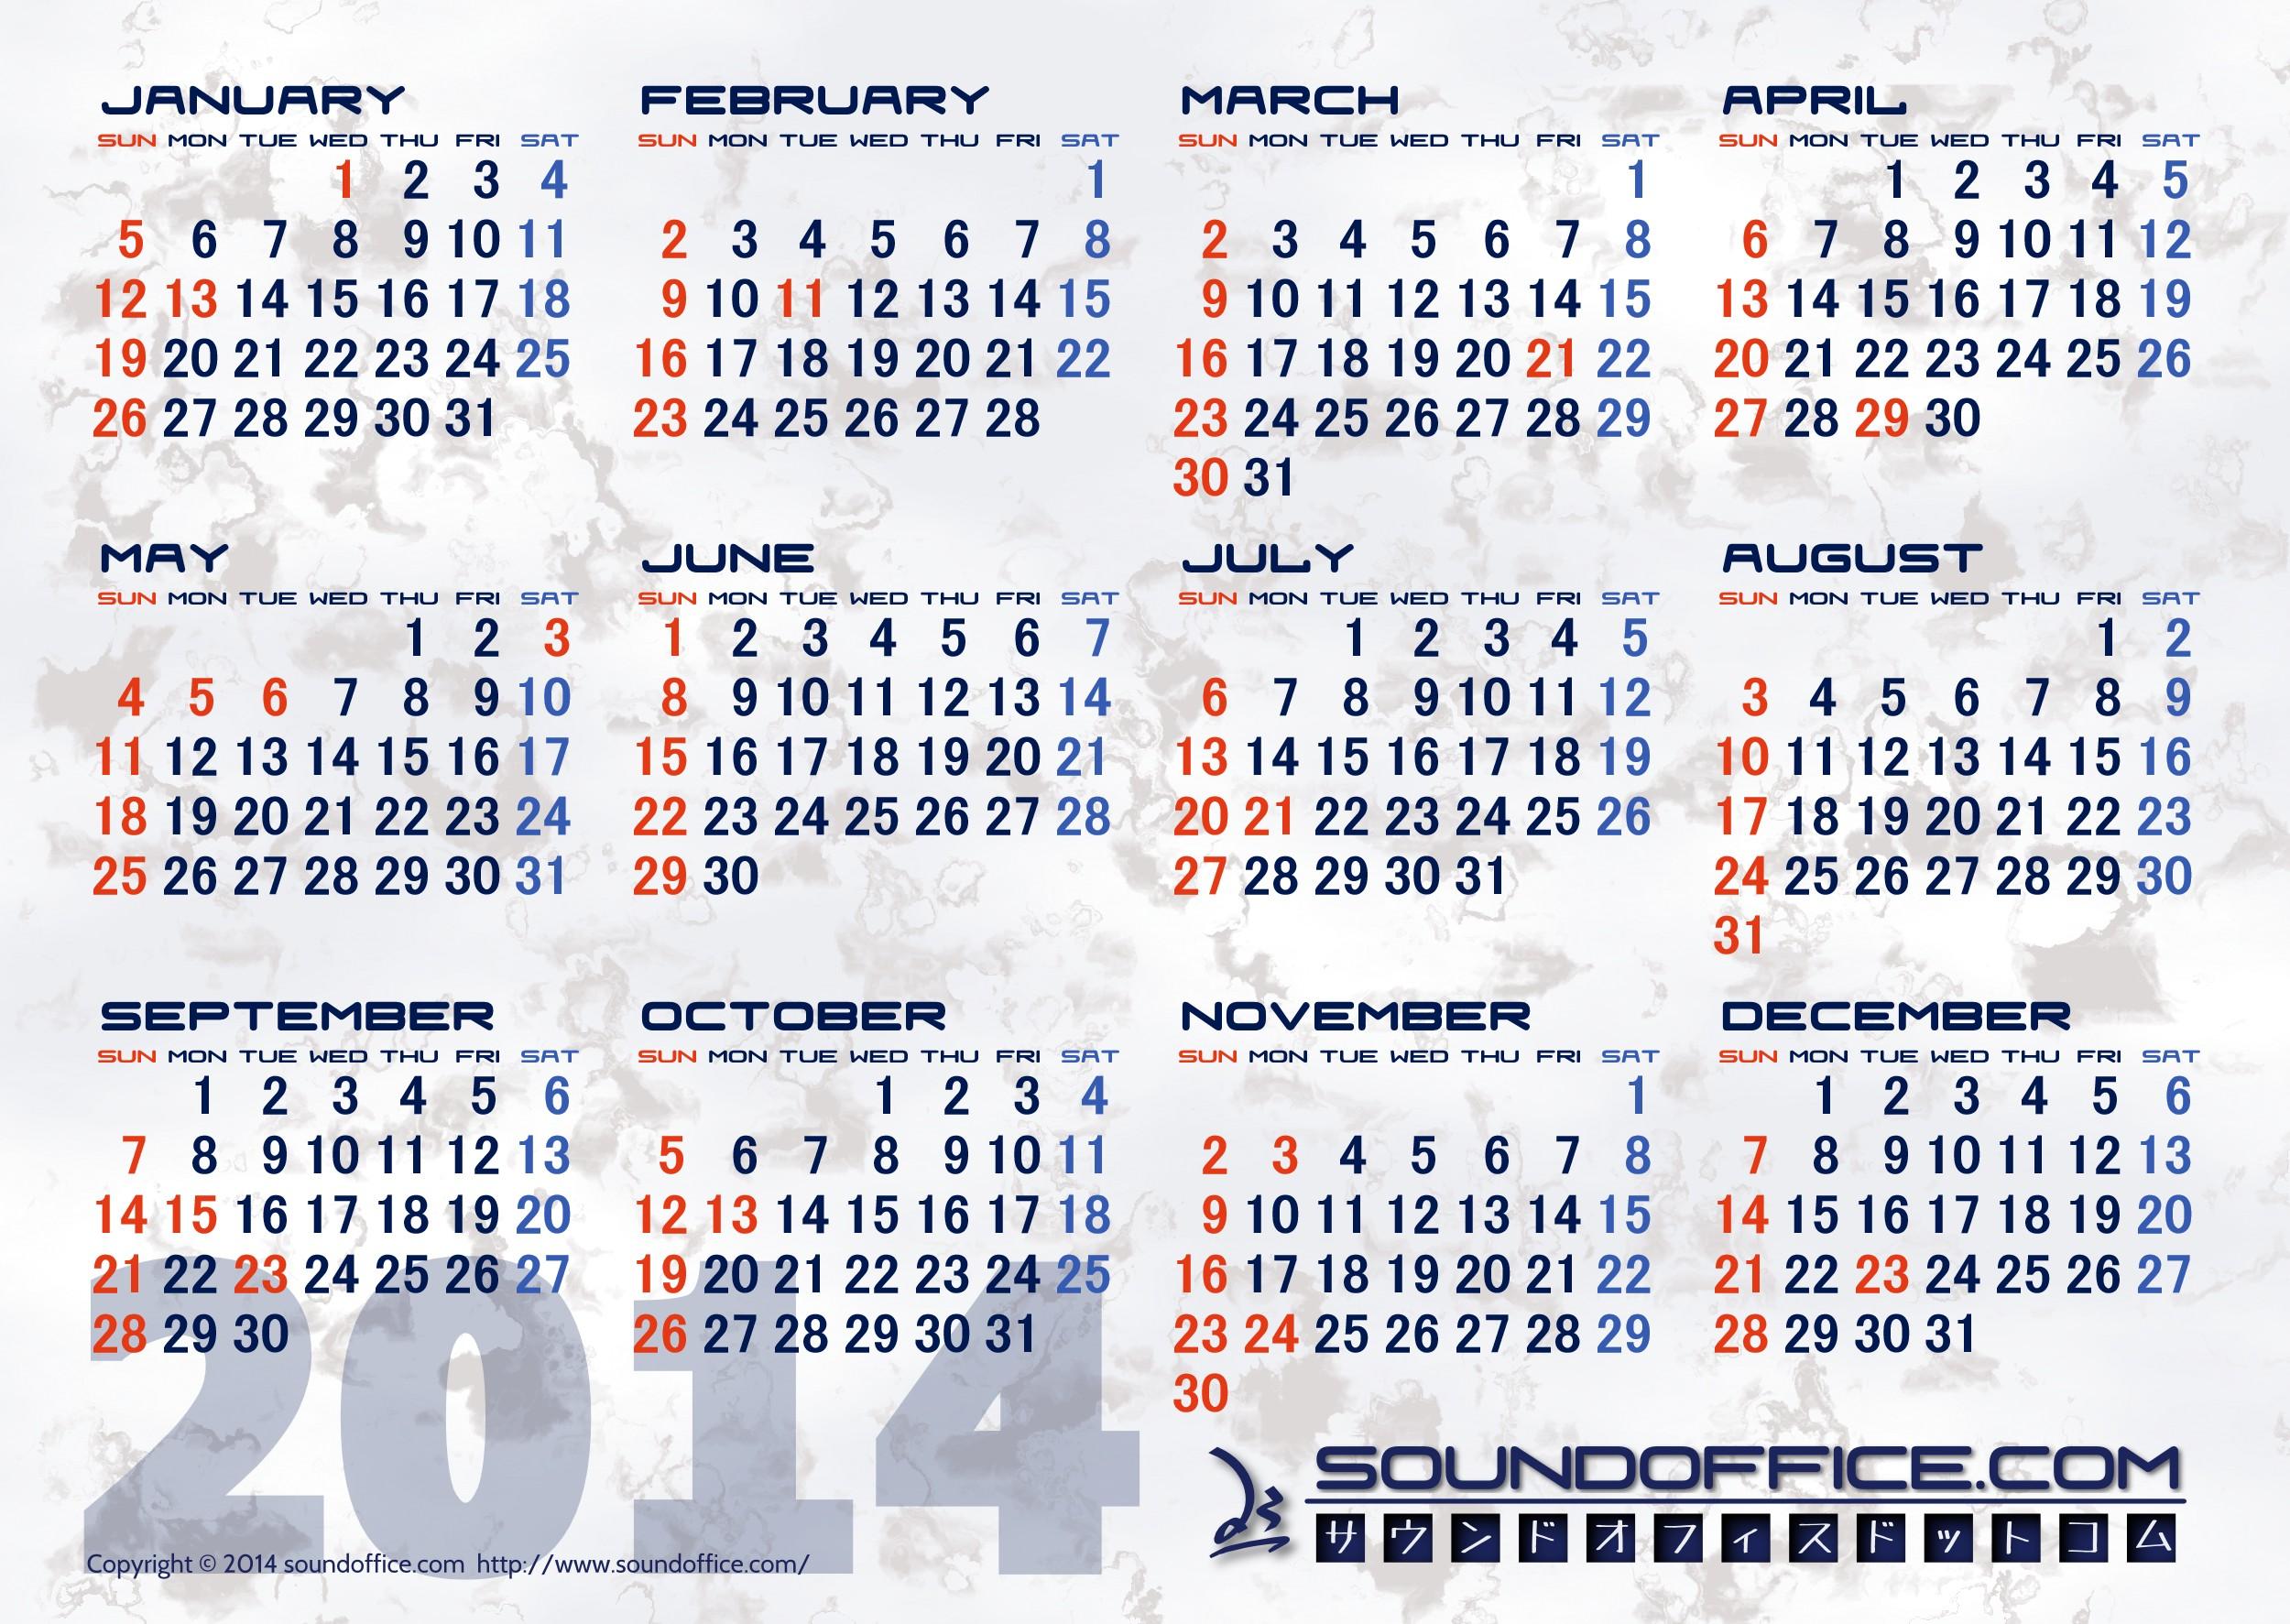 カレンダー 2015年 年間カレンダー 印刷用 : ... カレンダー画像(印刷向け